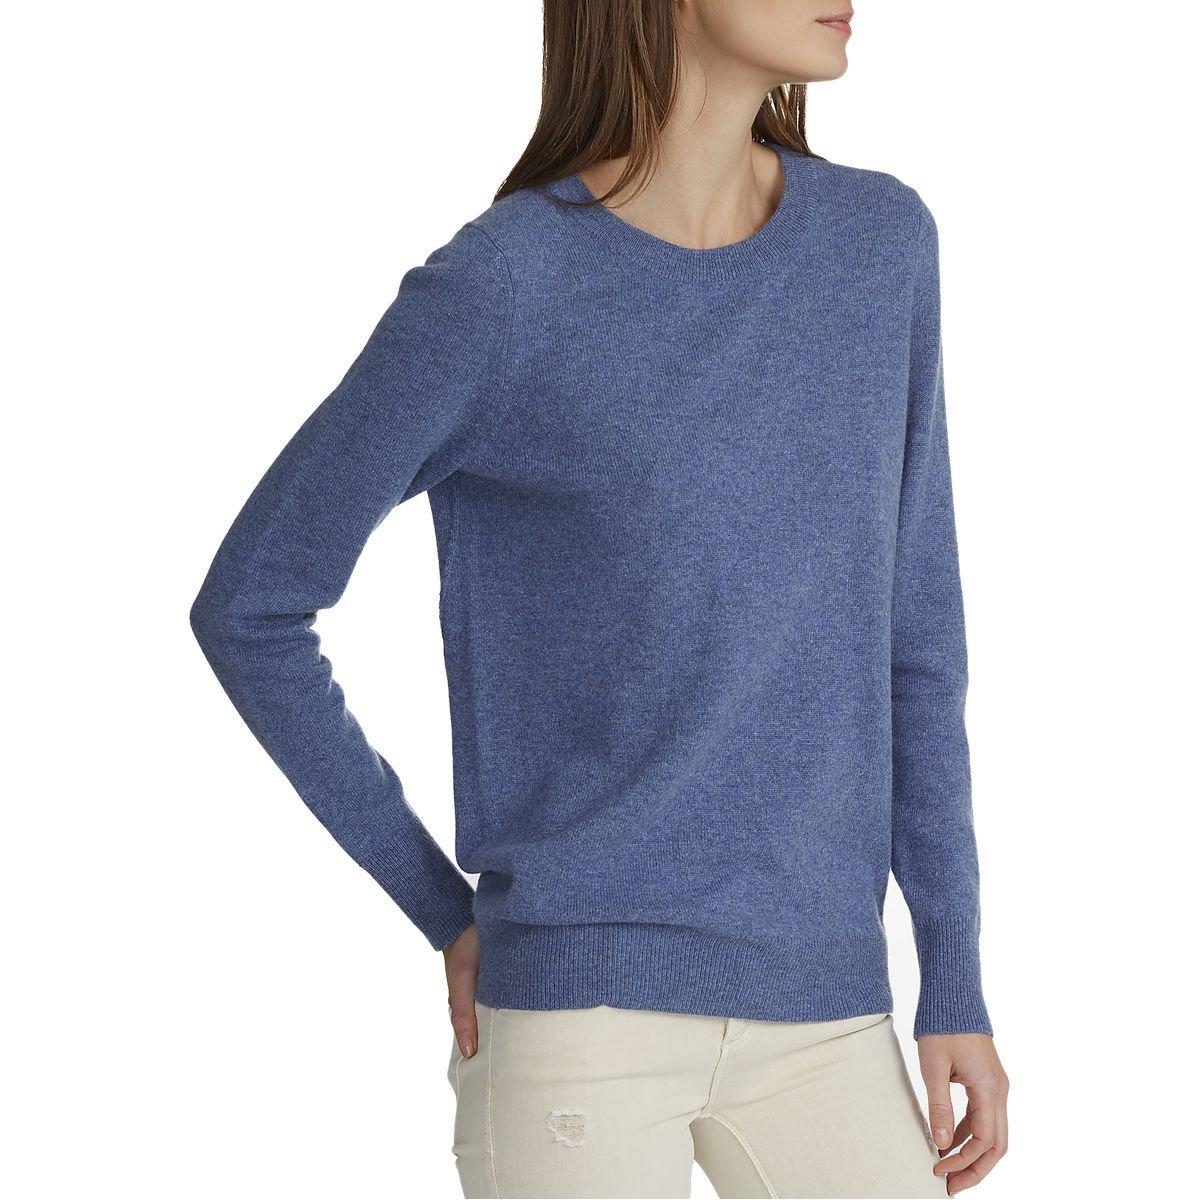 White + Warren Essential Crewneck Sweater - Women's Indigo Heather, S by White + Warren (Image #1)